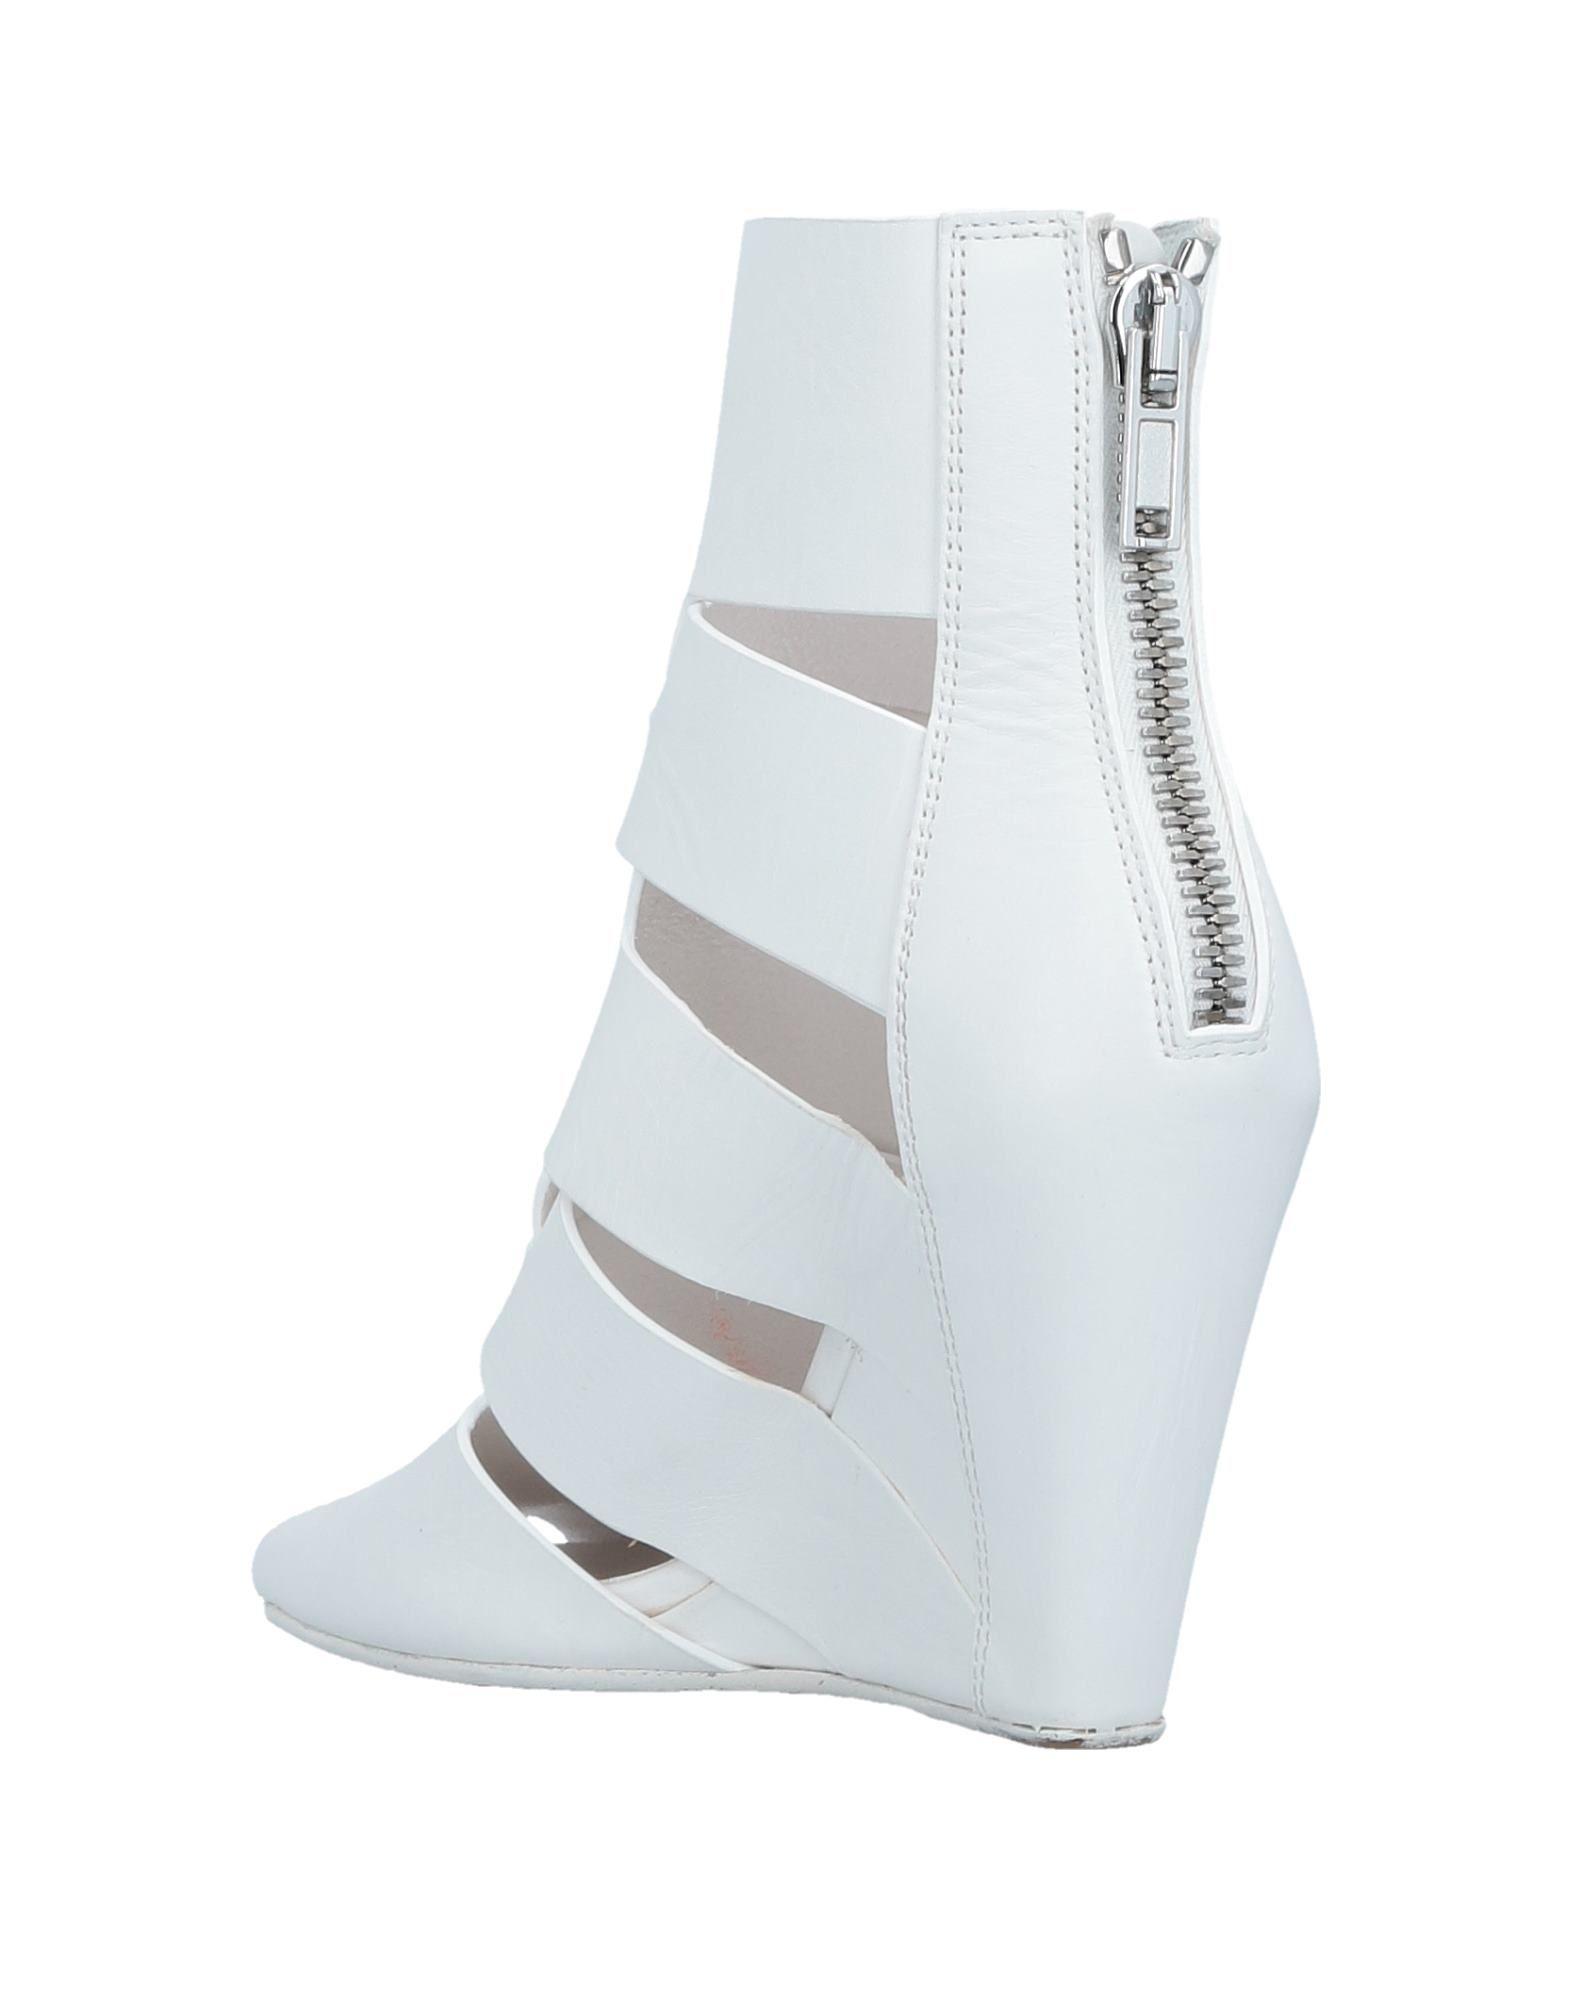 Rick Owens Stiefelette aussehende Damen  11515886JIGünstige gut aussehende Stiefelette Schuhe 43489f